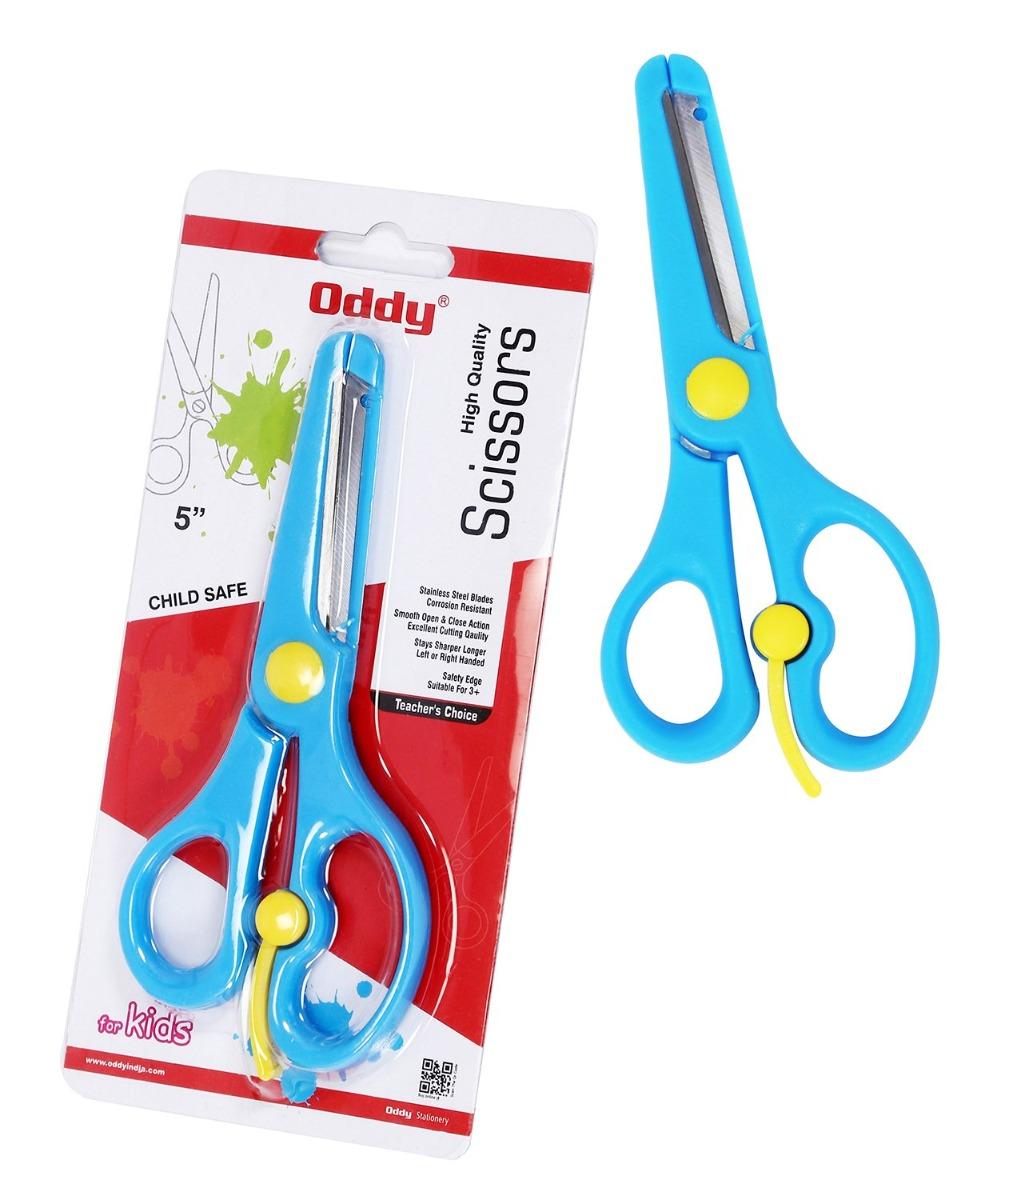 Child Safe, Kids Scissors